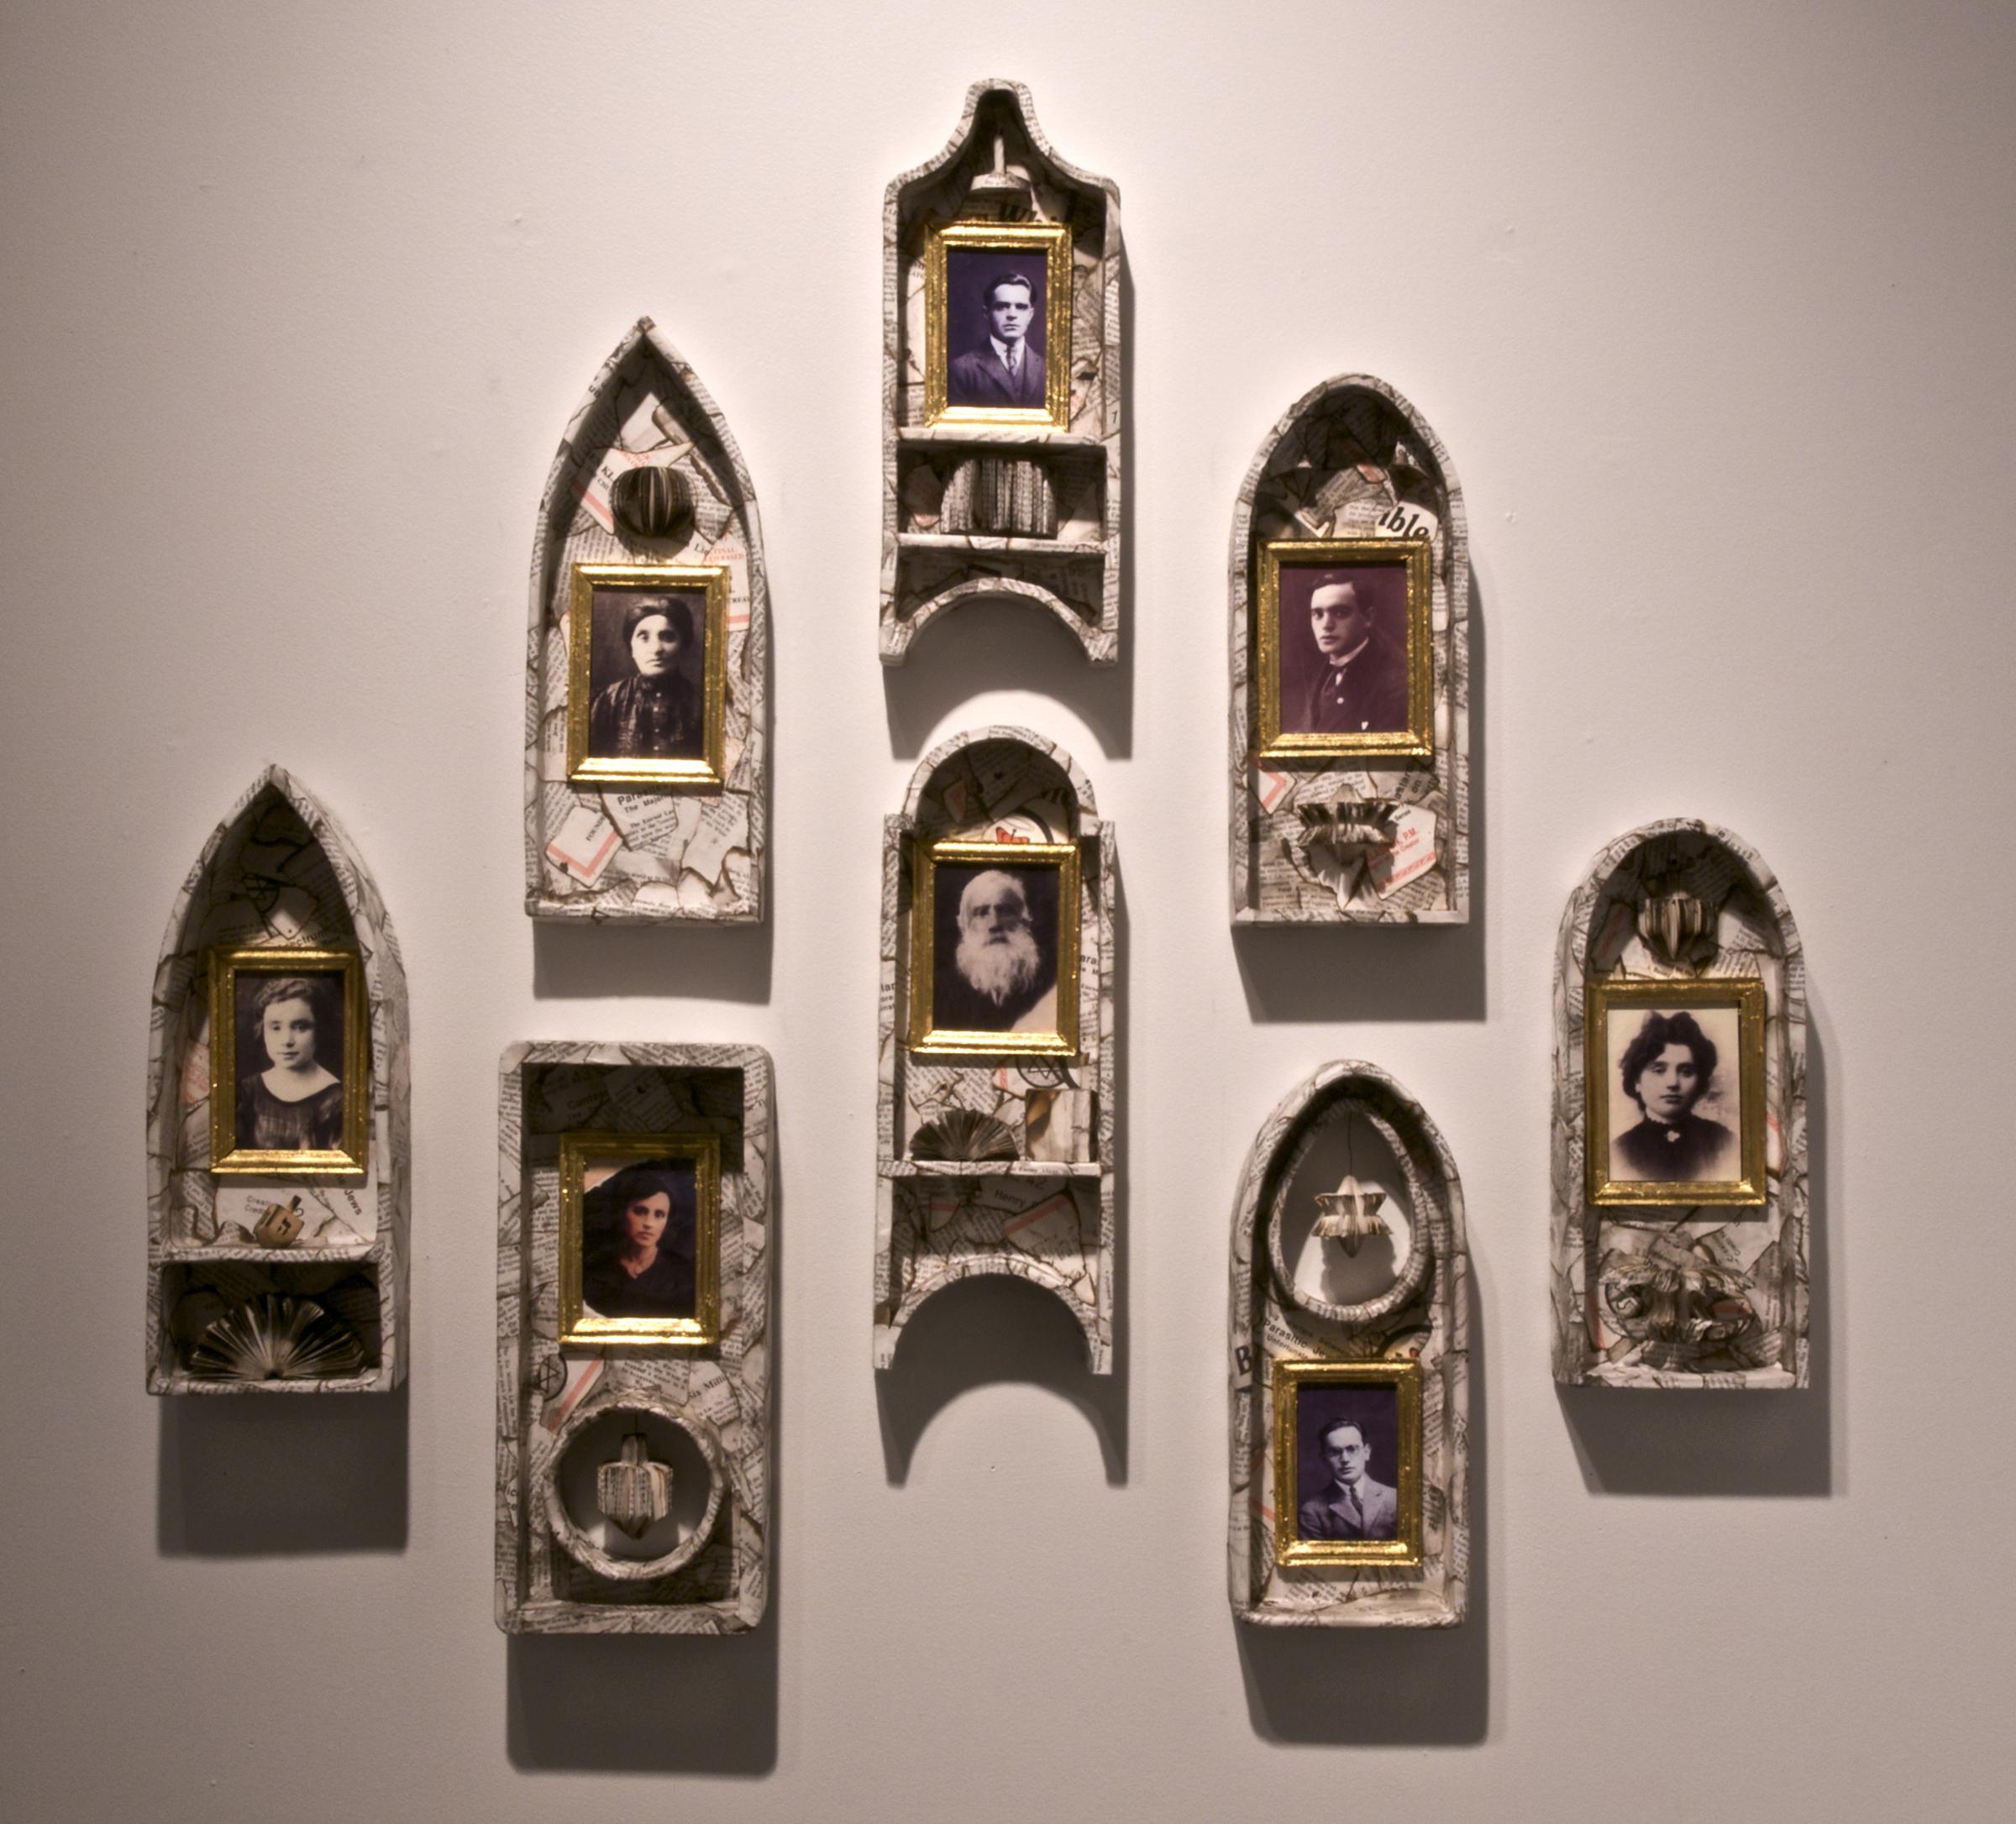 Jean Grosser. Shrines, 2007